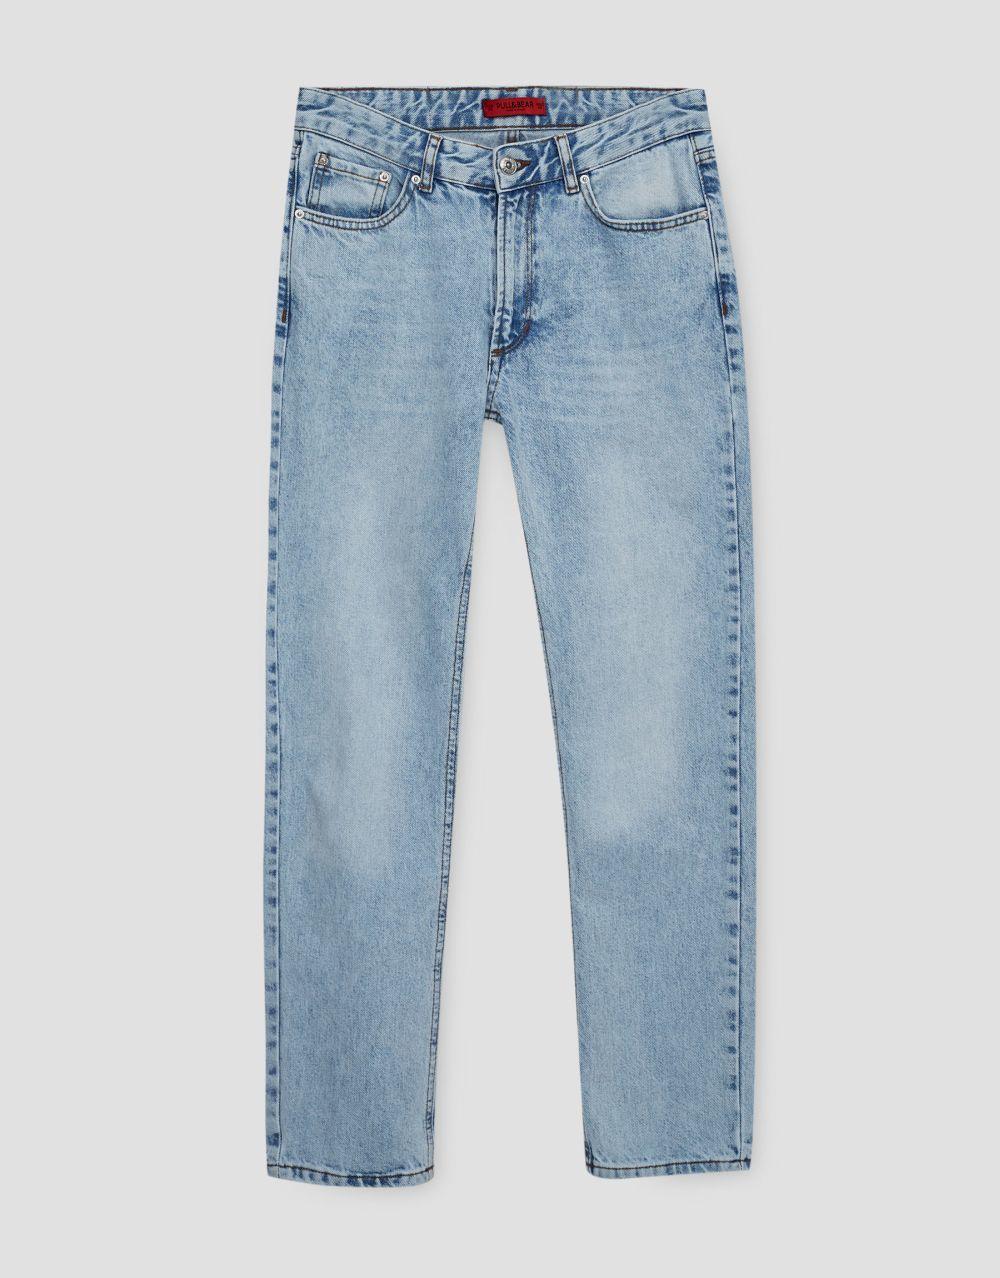 Jean tiro recto. De Pull&Bear (29,99 euros).